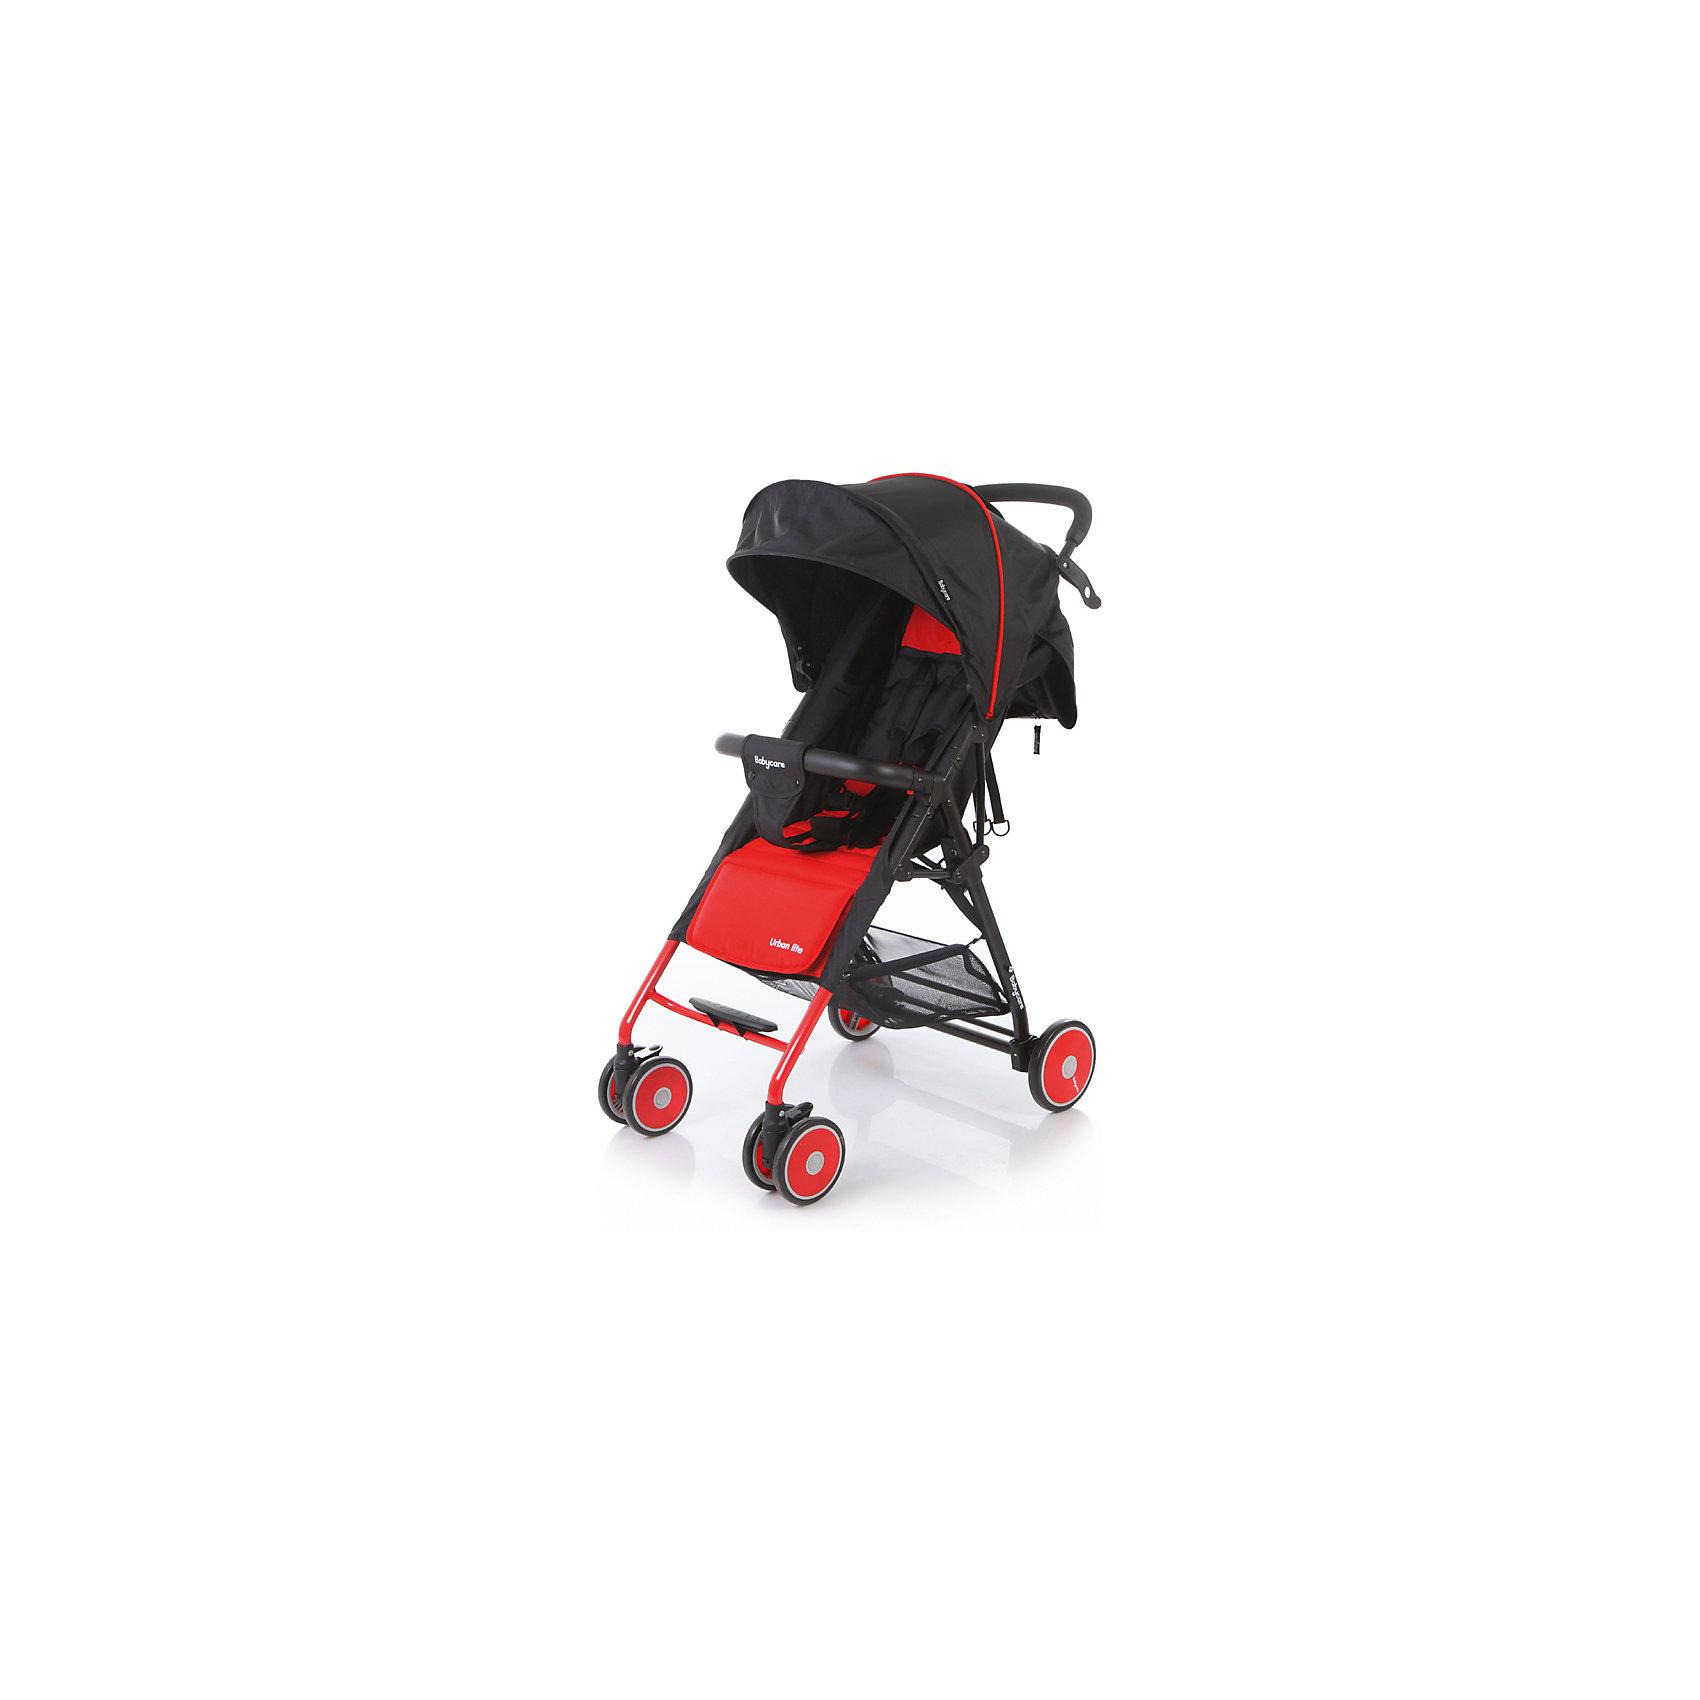 Прогулочная коляска Urban Lite, Baby Care, красныйОсобенности:• легкая алюминиевая рама• плавающие передние колеса • 5-ти точеные ремни безопасности• съемный бампер с мягкой обивкой• очень компактное складывание• спинка регулируется при помощи ремня• ножная тормозная система• коляска может стоять в сложенном состоянии• подножка регулируется с помощью ремня• амортизация передних колёс<br>Комплектация:• Чехол на ноги<br>Характеристики:• диаметр колес: передние – 13 см, задние — 15.3 см• тип колес: передние-двойные, задние-одинарные• механизм складывания: книжка• вес: 5.4 кг <br>• ширина сиденья: 33.5 см• размер корзины: 40х34х14 см• размер в разложенном виде: 87х51х103 см• размер в сложенном виде: 67х51х25 см<br><br>Ширина мм: 660<br>Глубина мм: 460<br>Высота мм: 180<br>Вес г: 6200<br>Возраст от месяцев: 6<br>Возраст до месяцев: 36<br>Пол: Унисекс<br>Возраст: Детский<br>SKU: 5493334